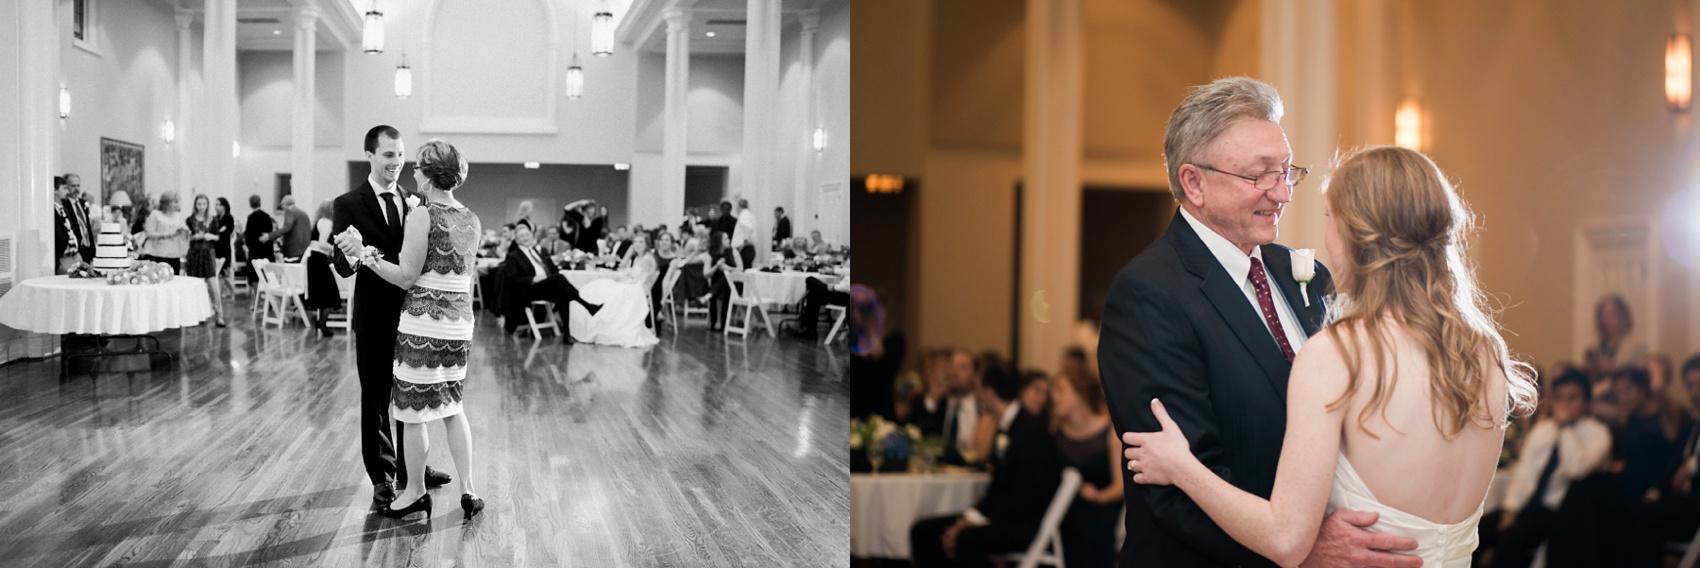 columbia_wedding__photographer_0342.jpg